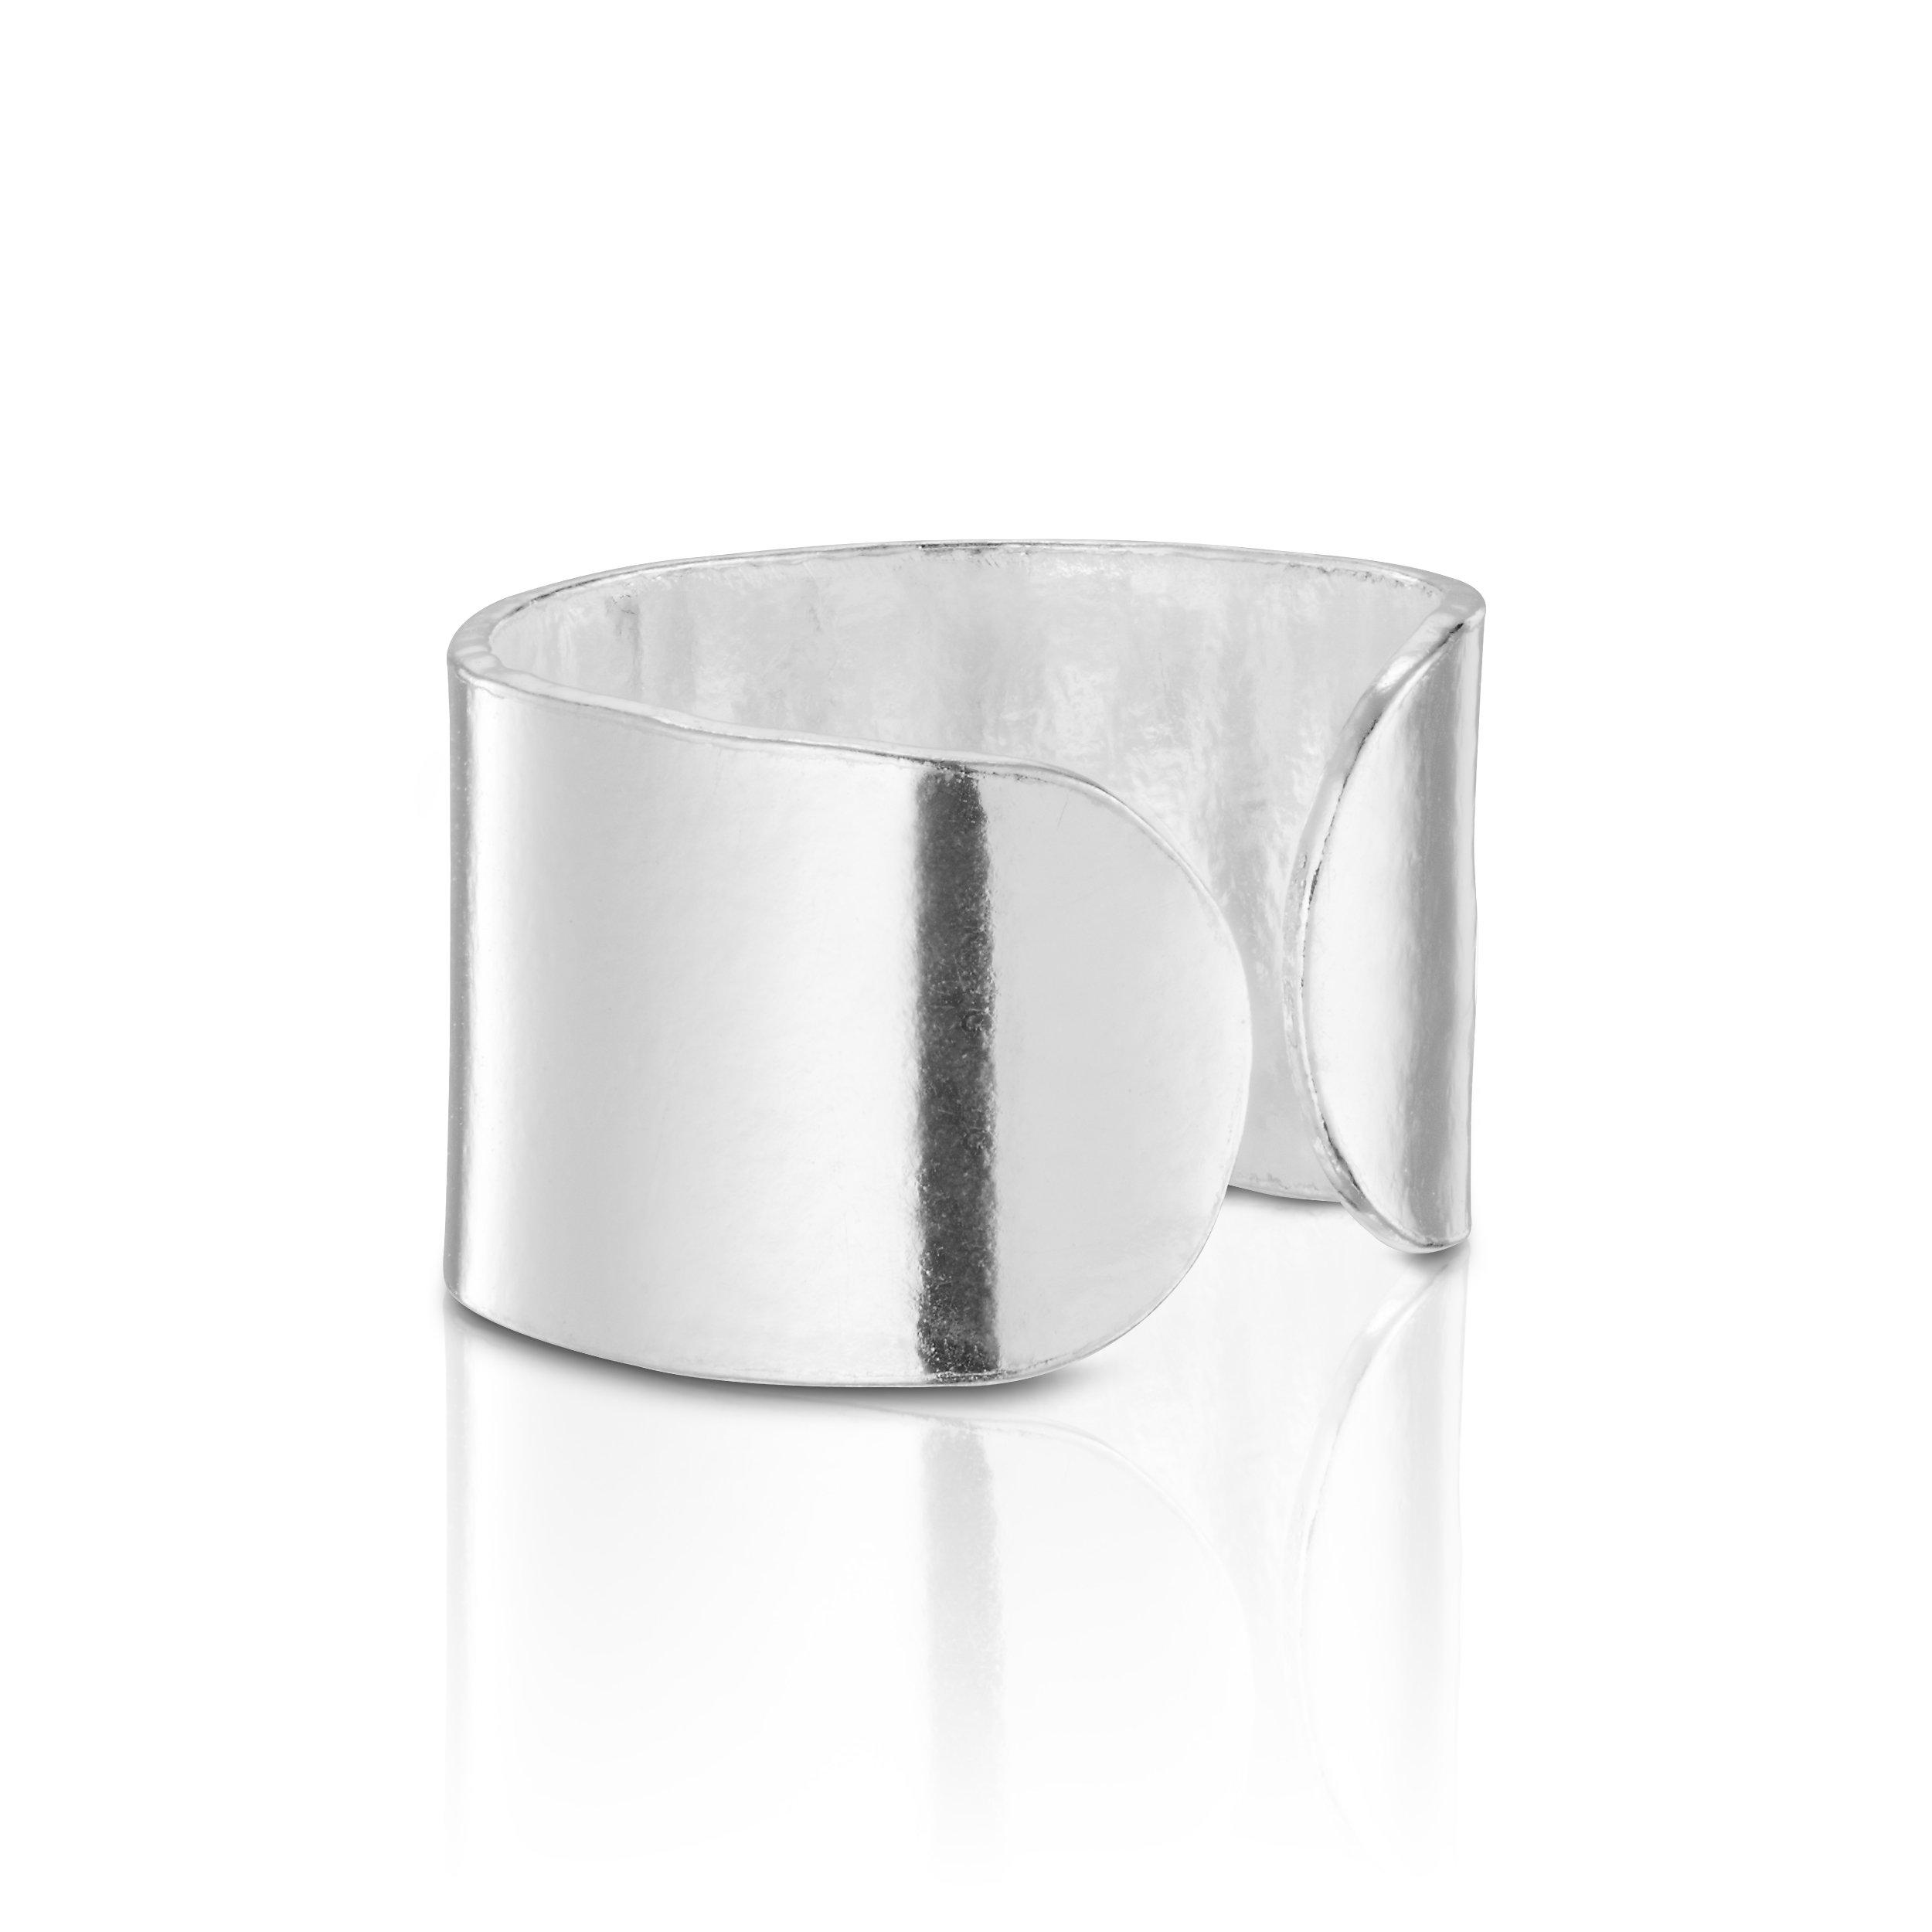 925 Sterling Silver Wide Round Silver Top Ear Cuff Ear For 1 Ear Earring by BELLETTOJEWELRY (Image #2)